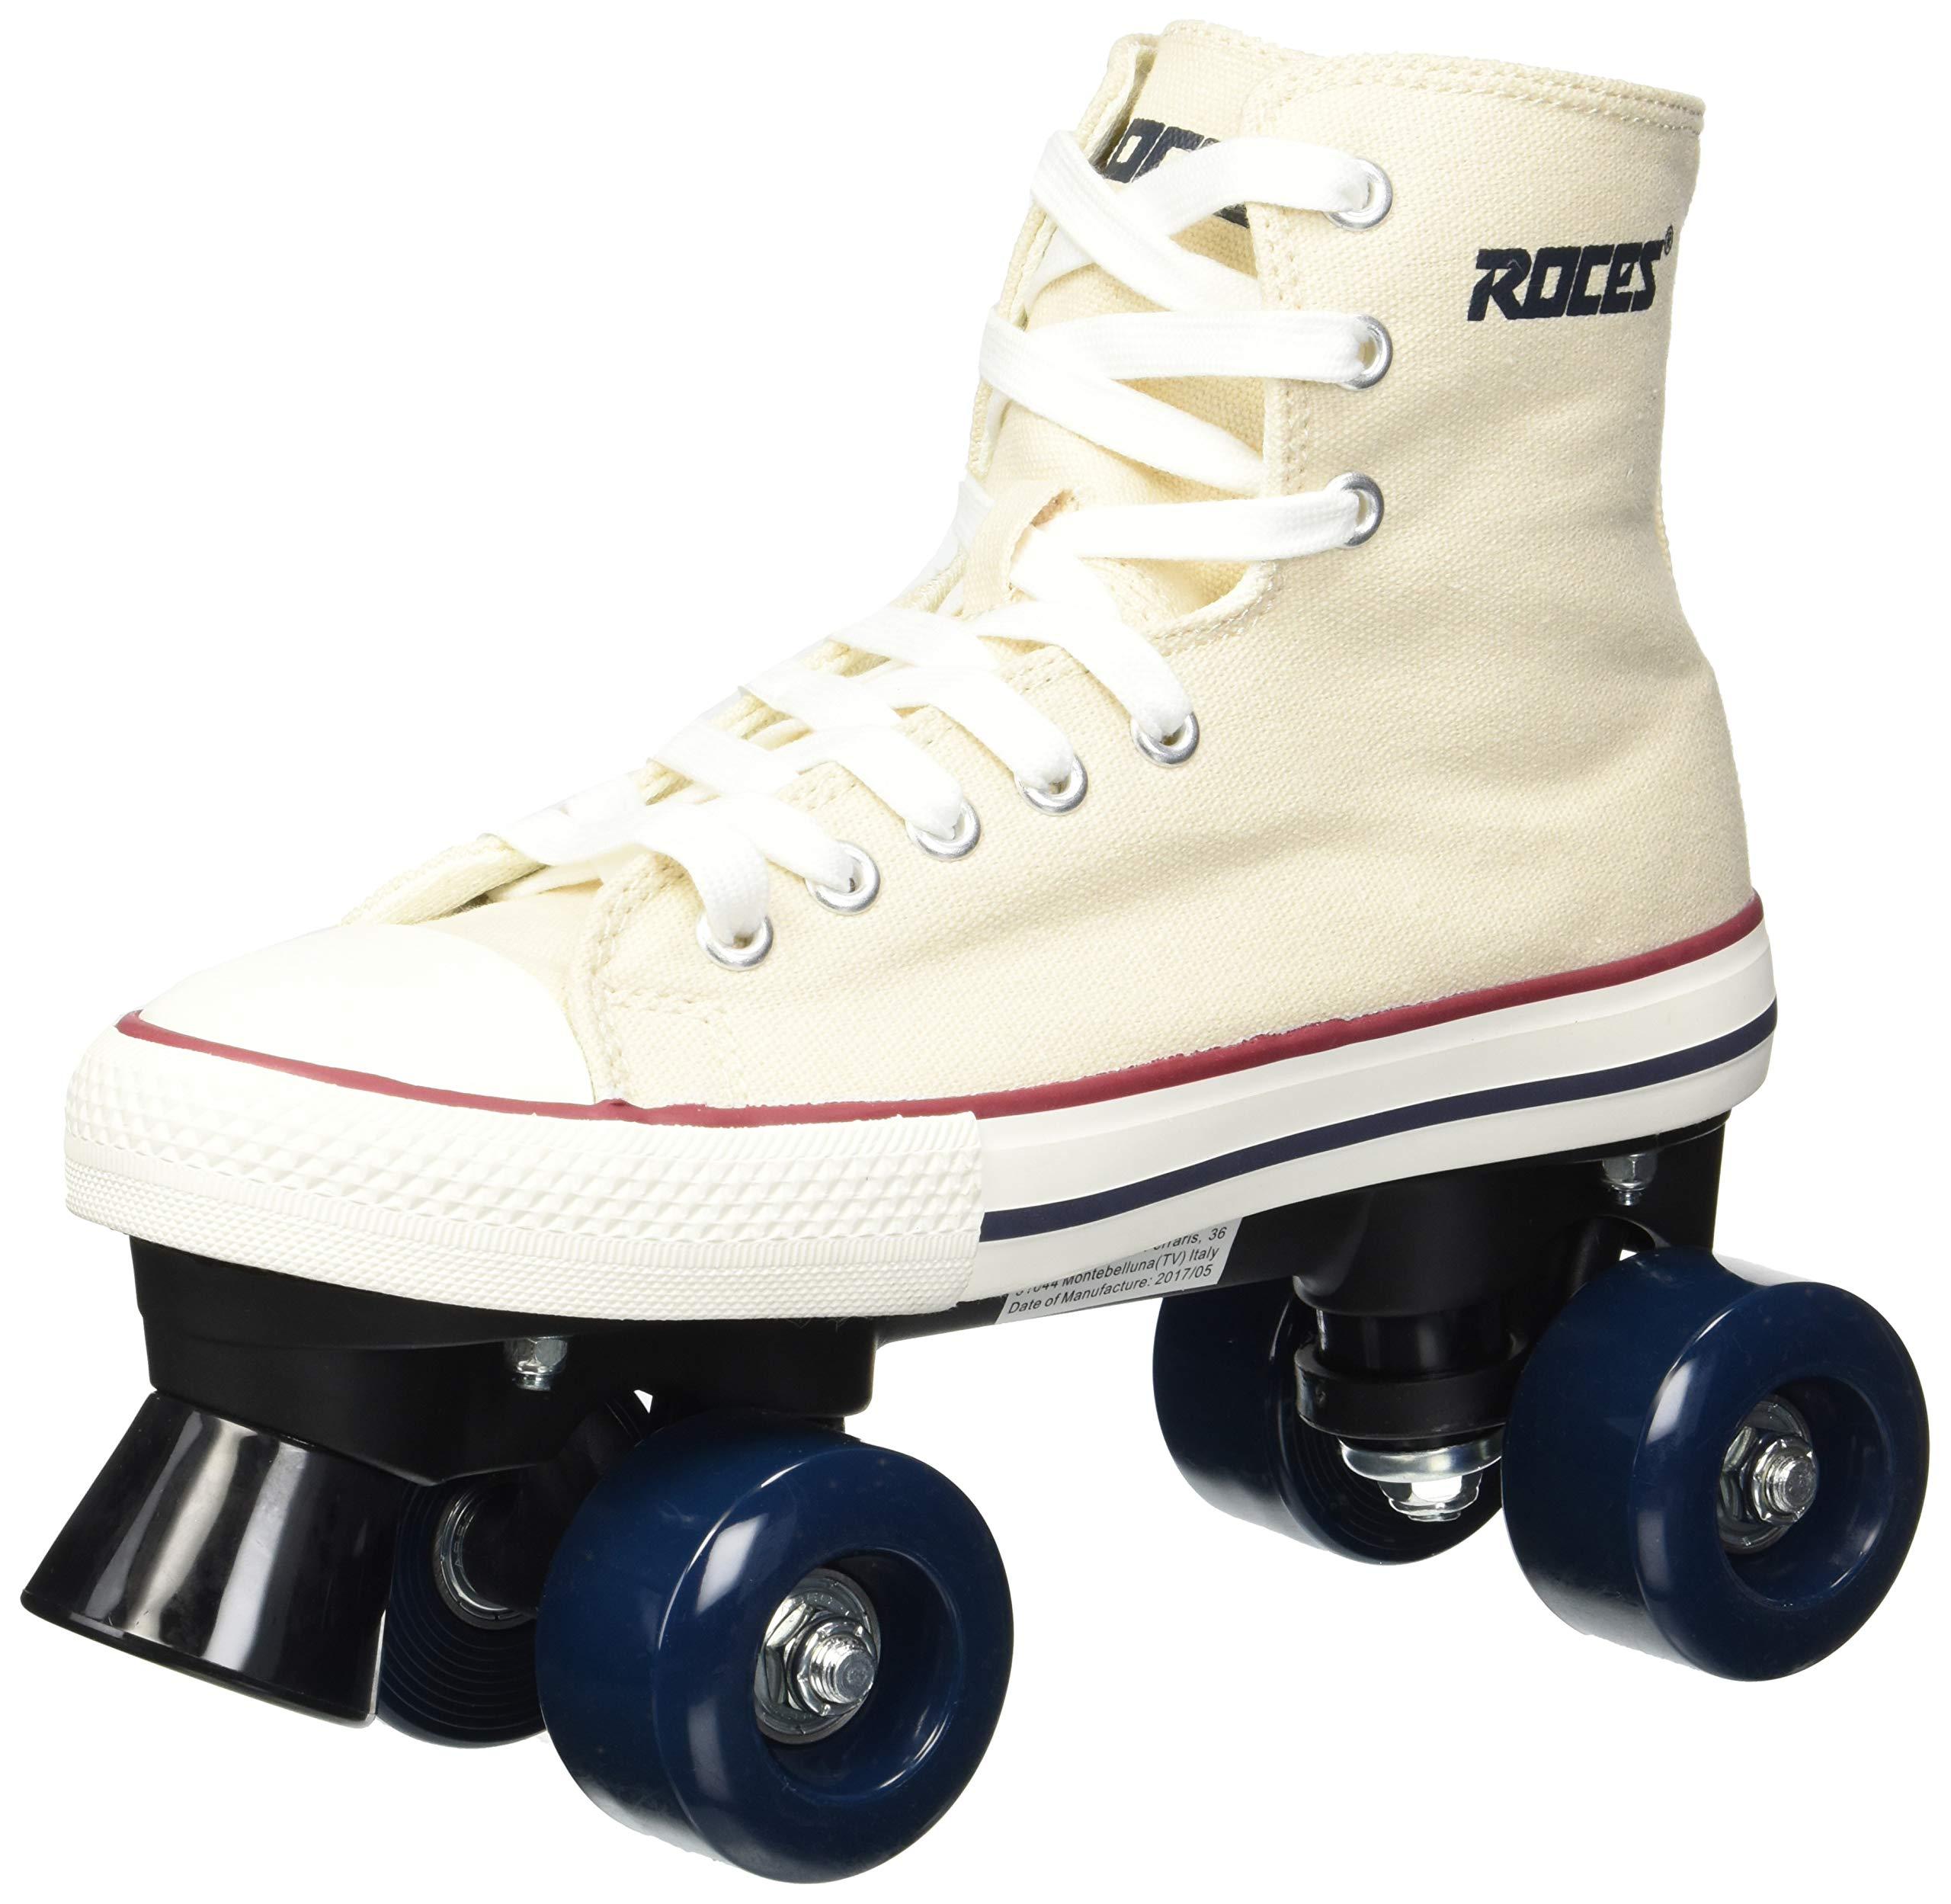 Roces 550030 Model Chuck Roller Skate,Cream,6USW,4USM,36EU,3UK